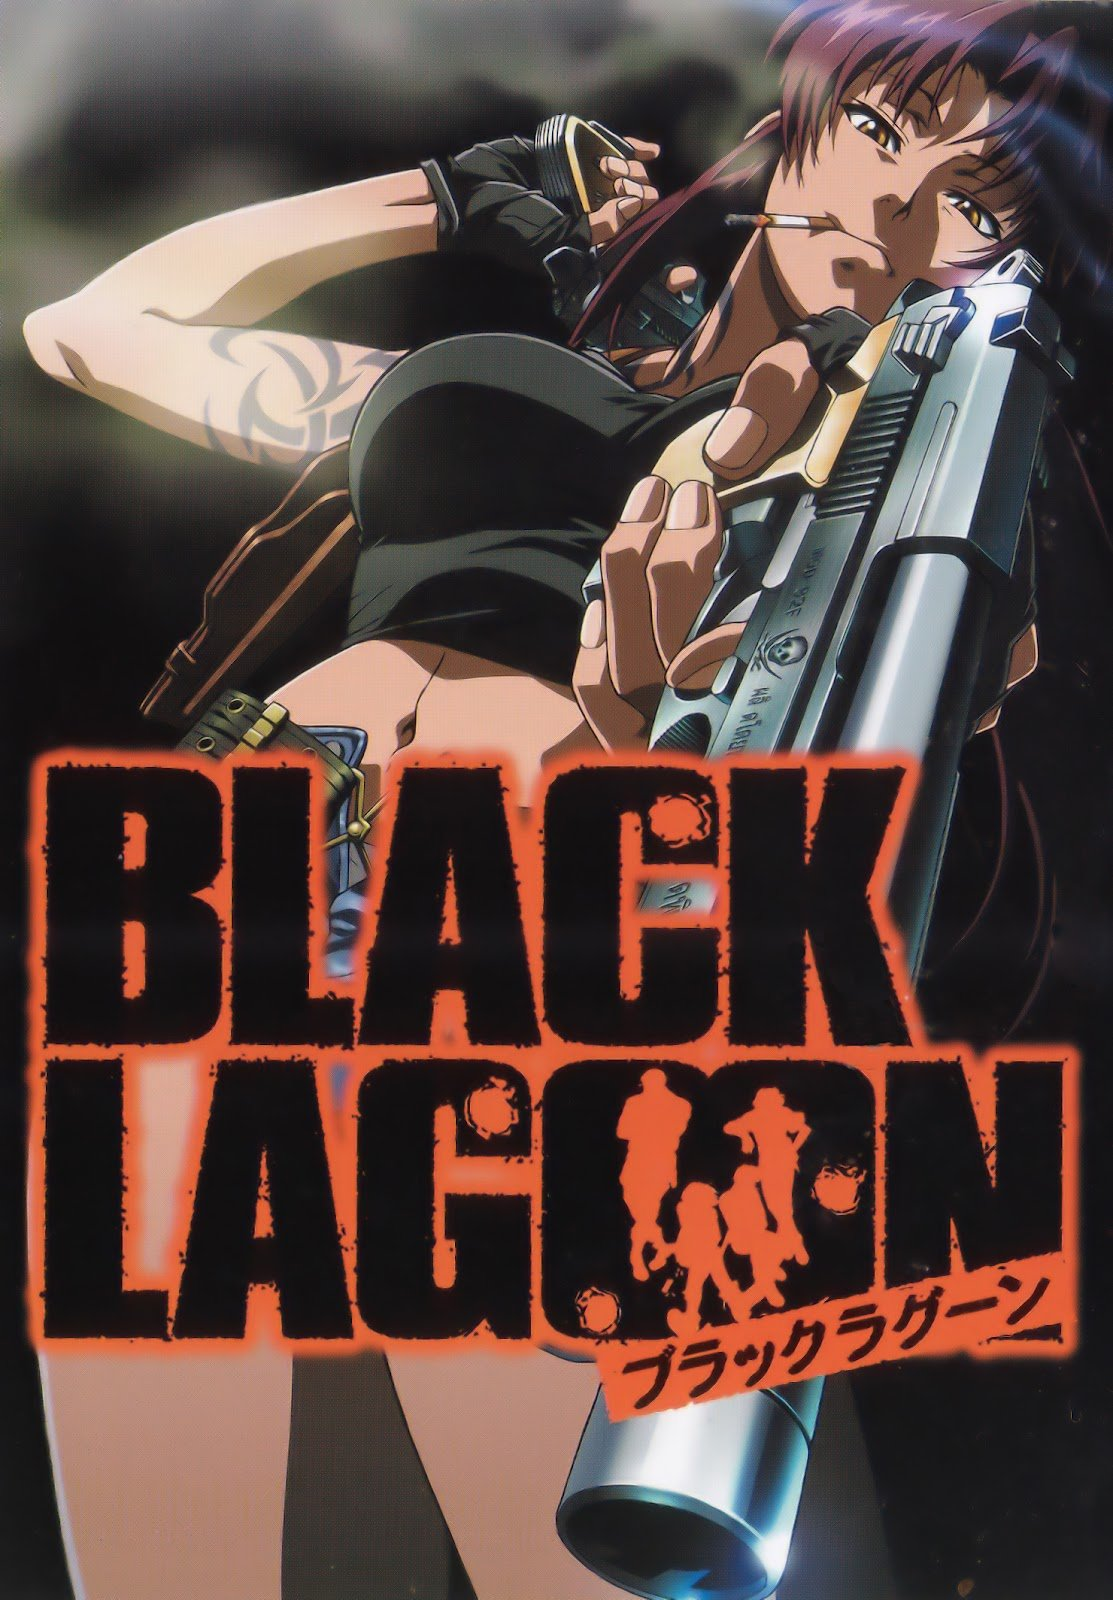 Black lagoon tv series 2006 imdb